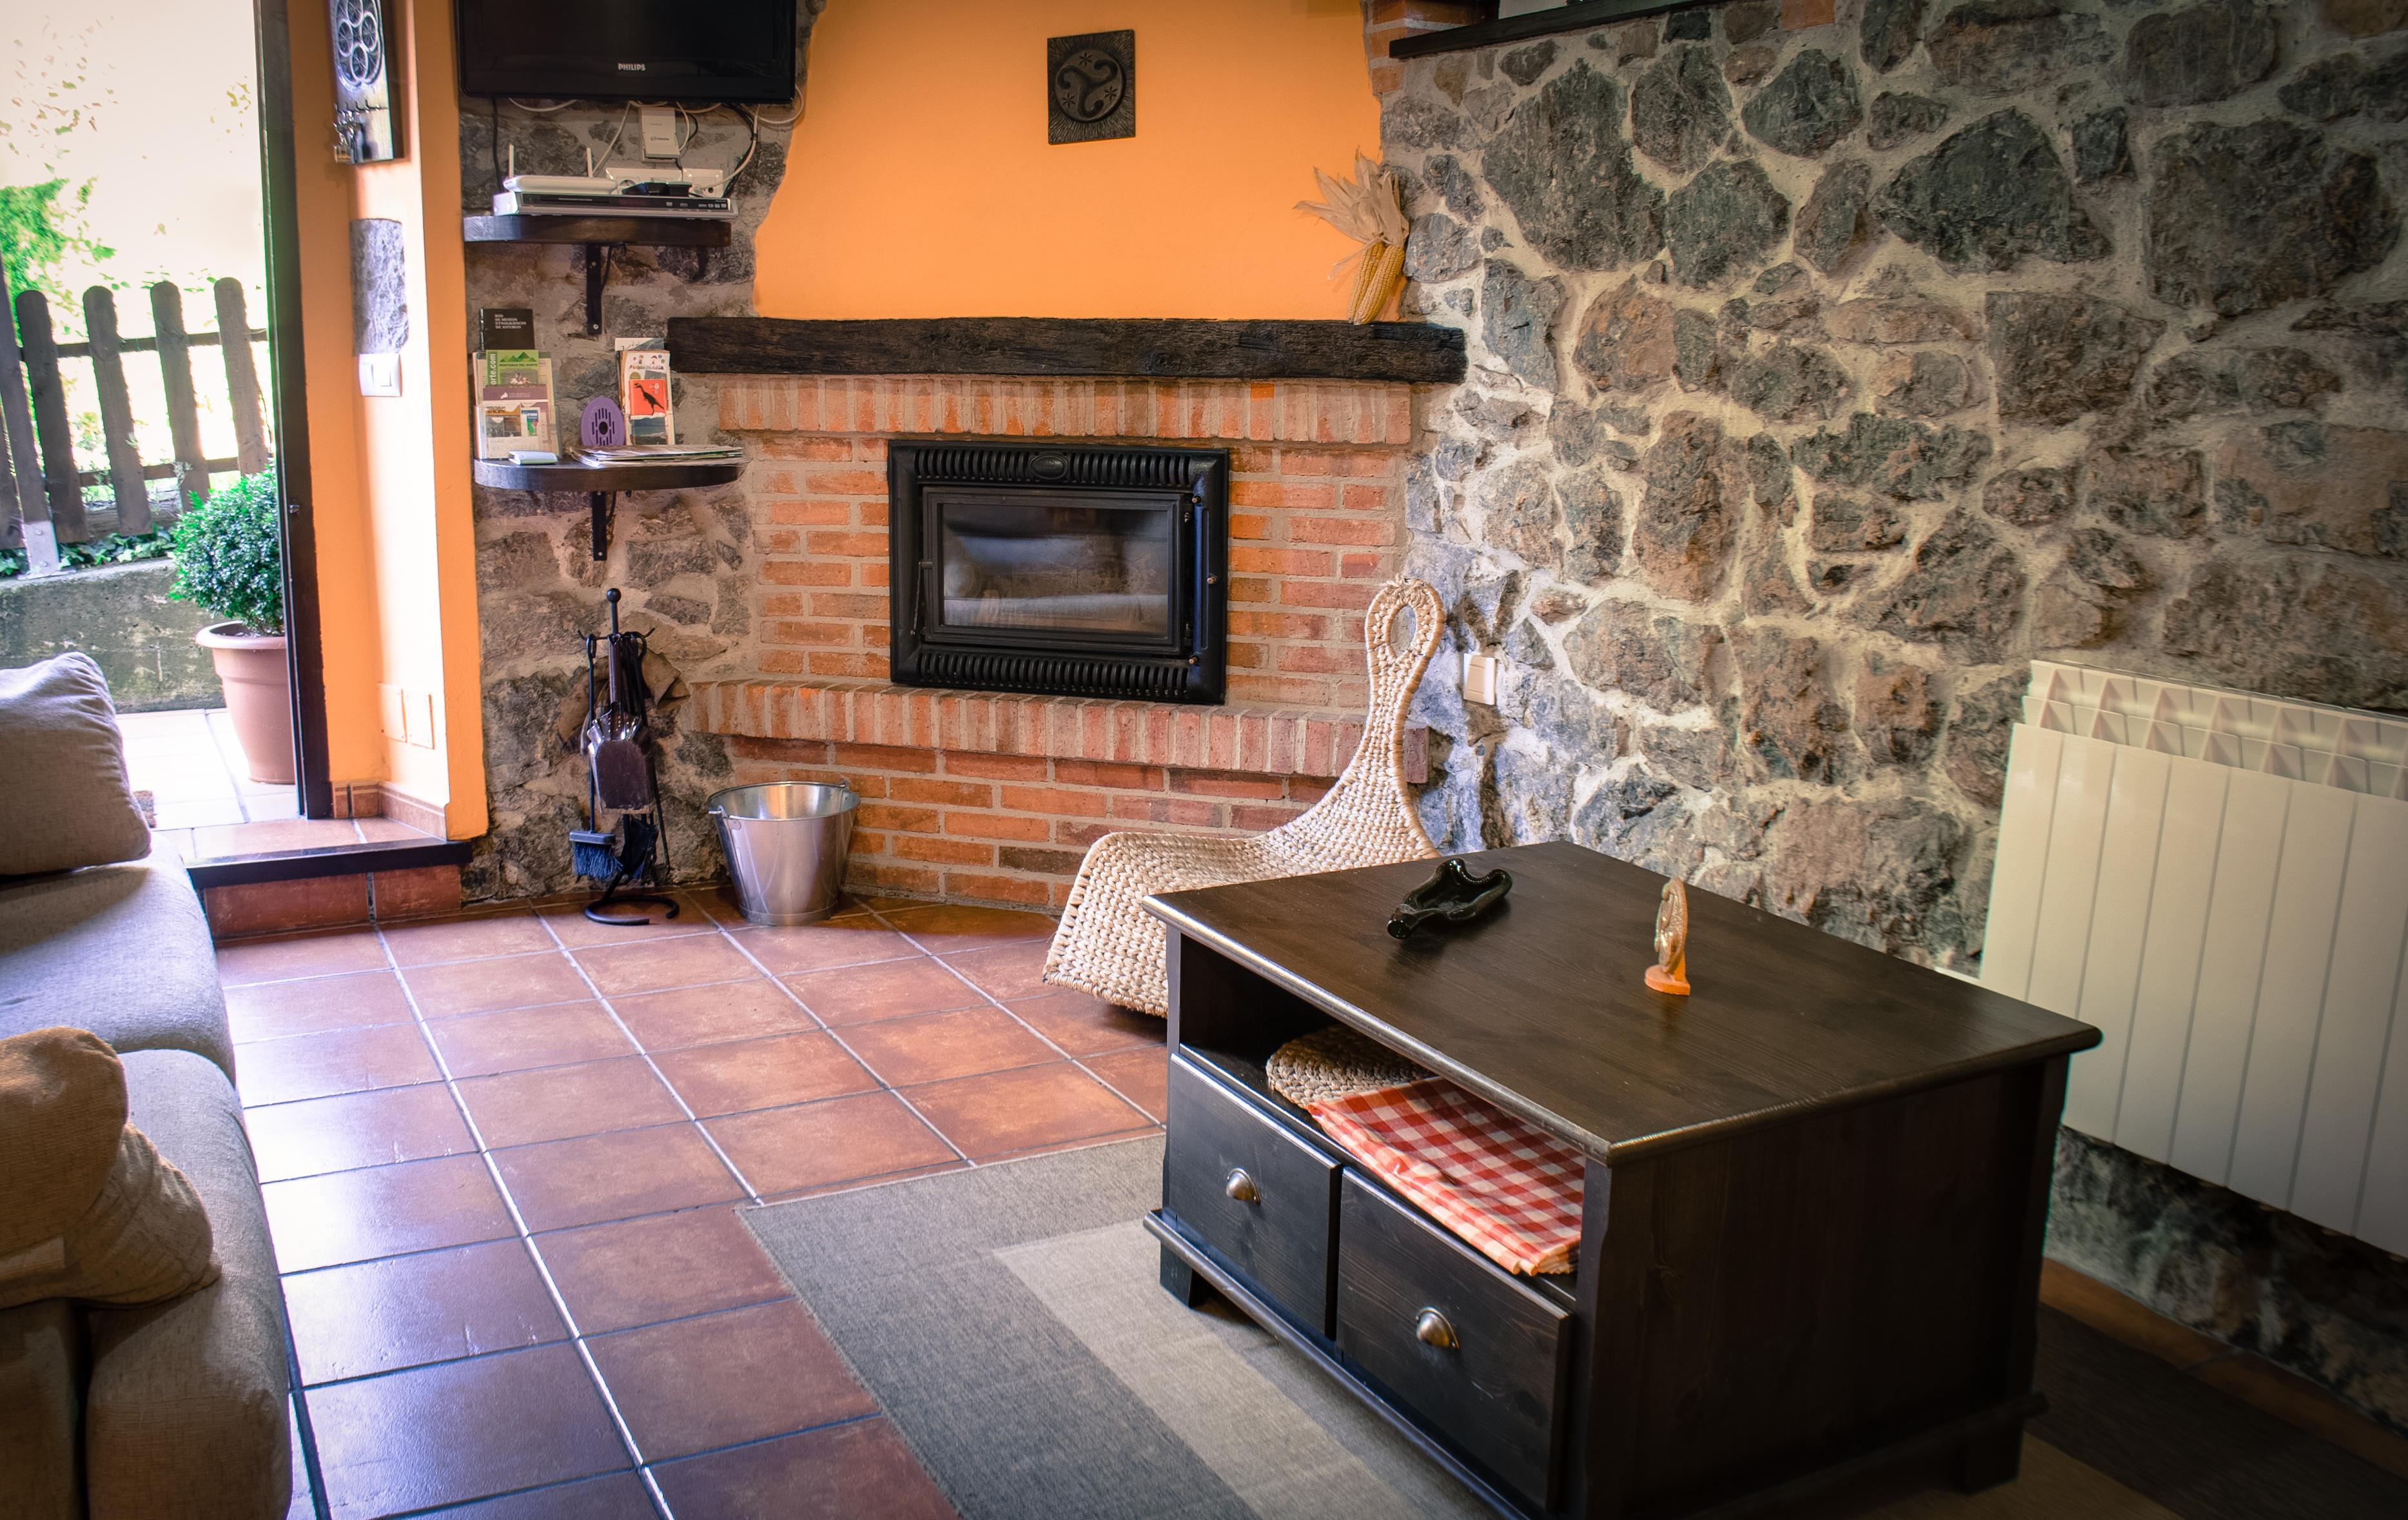 Navidades calentitas en el rinc n del sella casa rural - Chimeneas para salon de lena ...